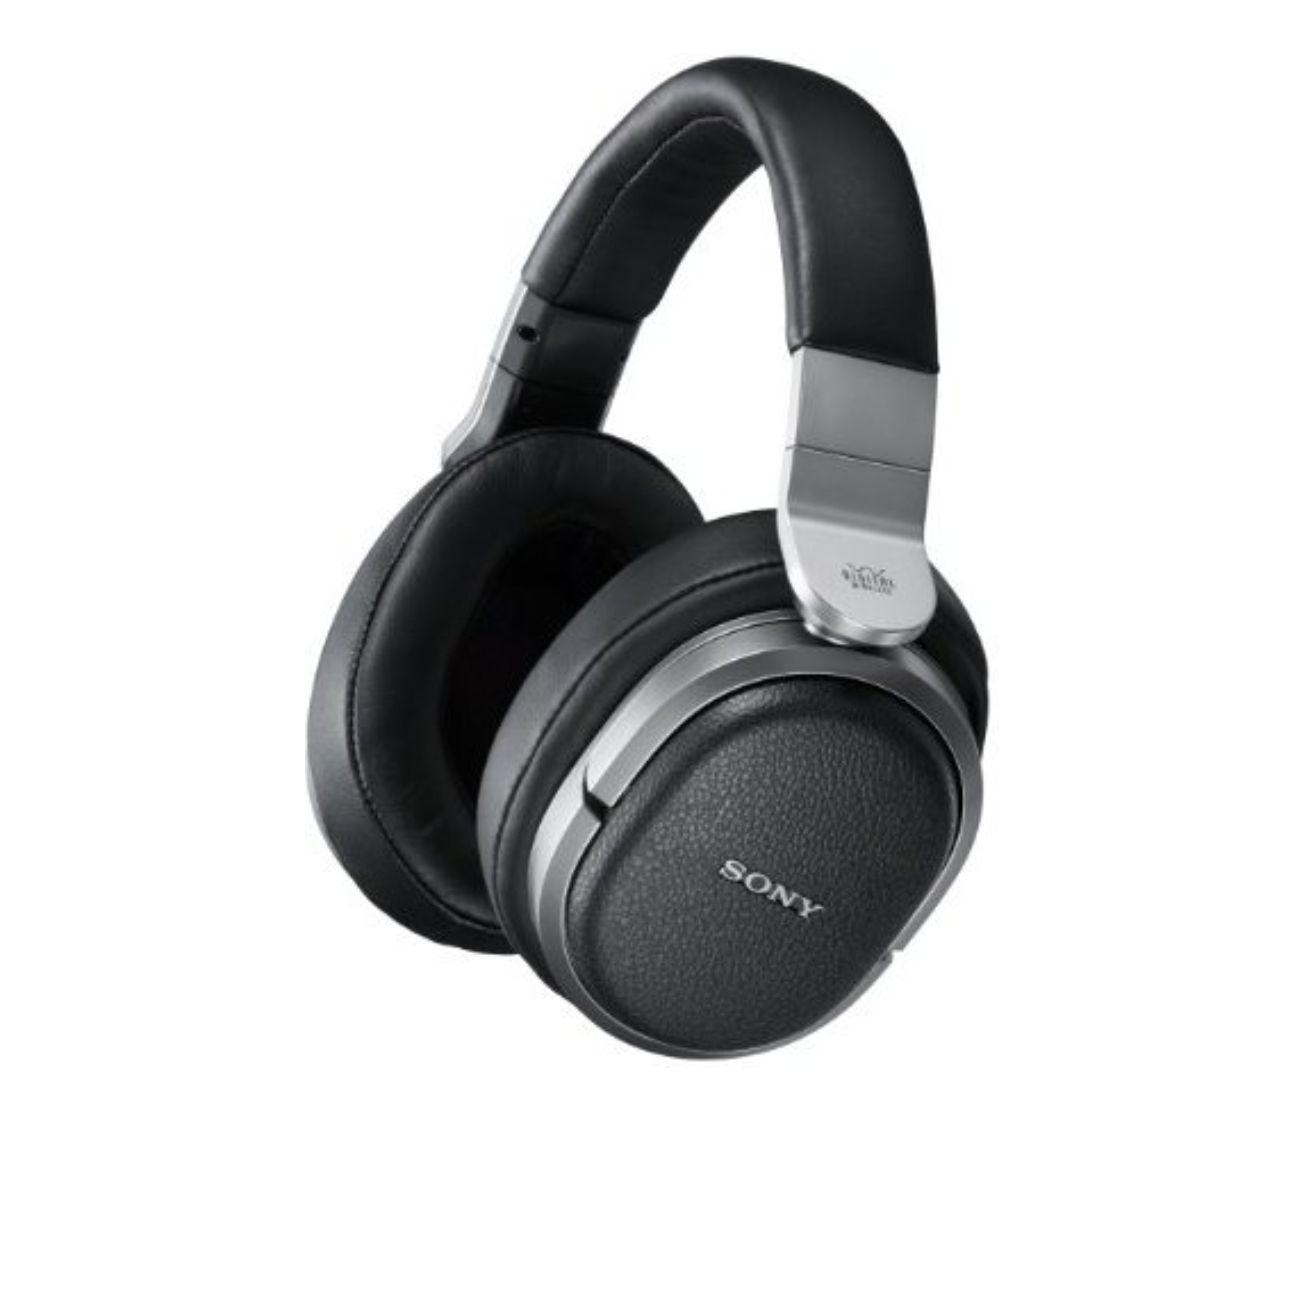 [amazon] Sony MDR-HW700DS  9.1 Digital SurroundsystemKopfhörer